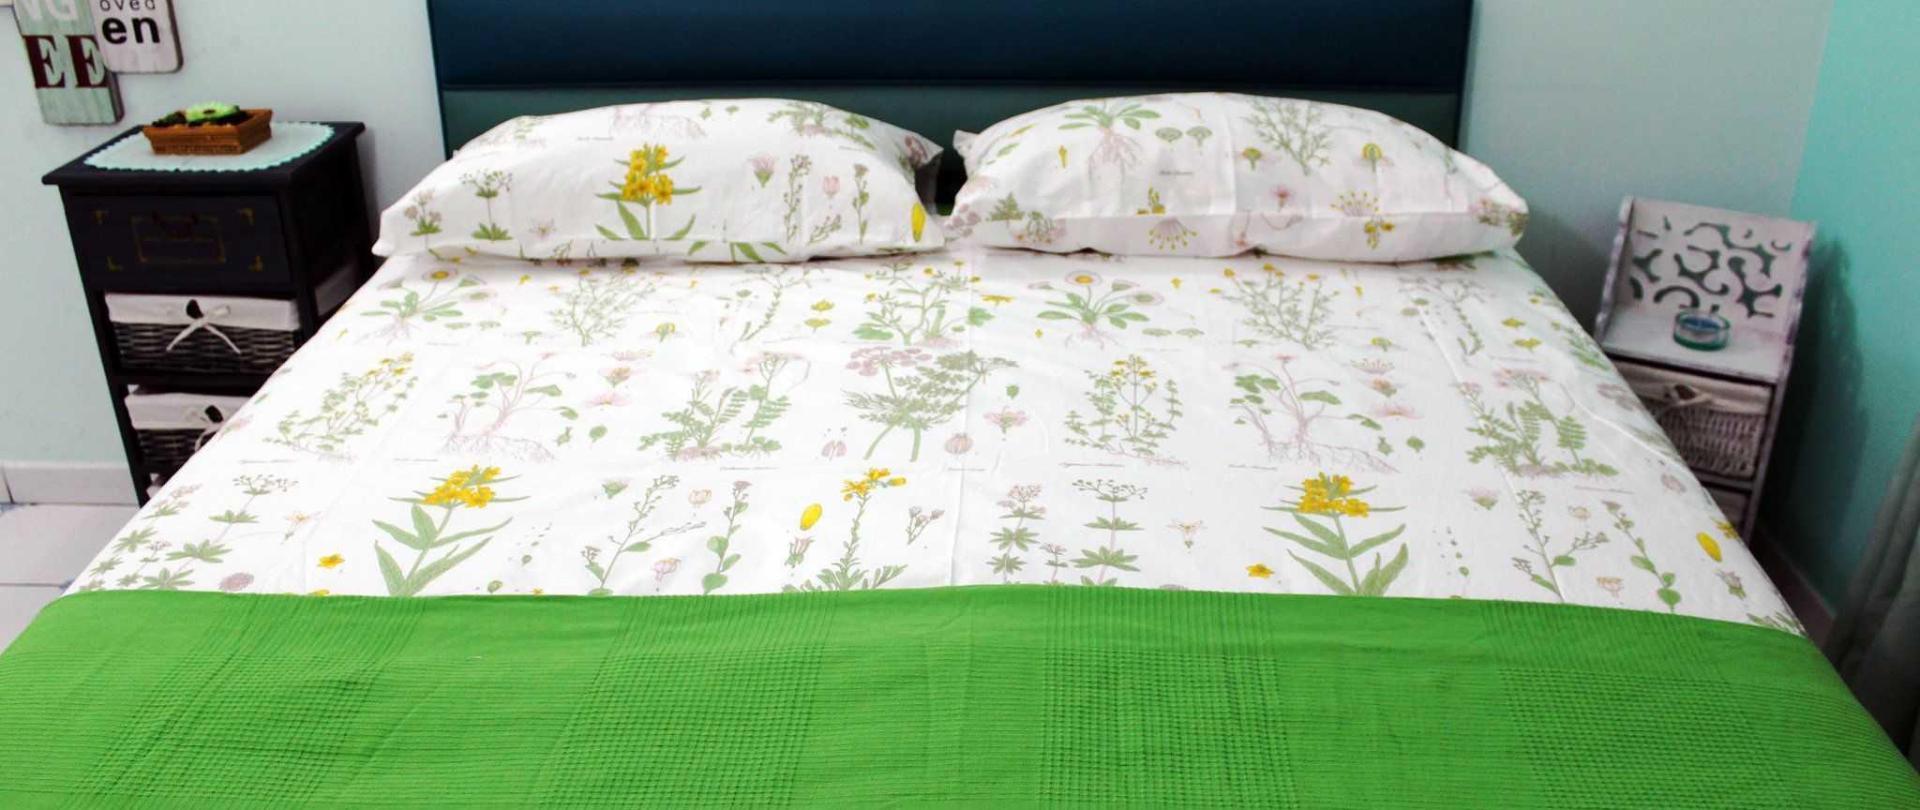 verde2-5-3.jpg